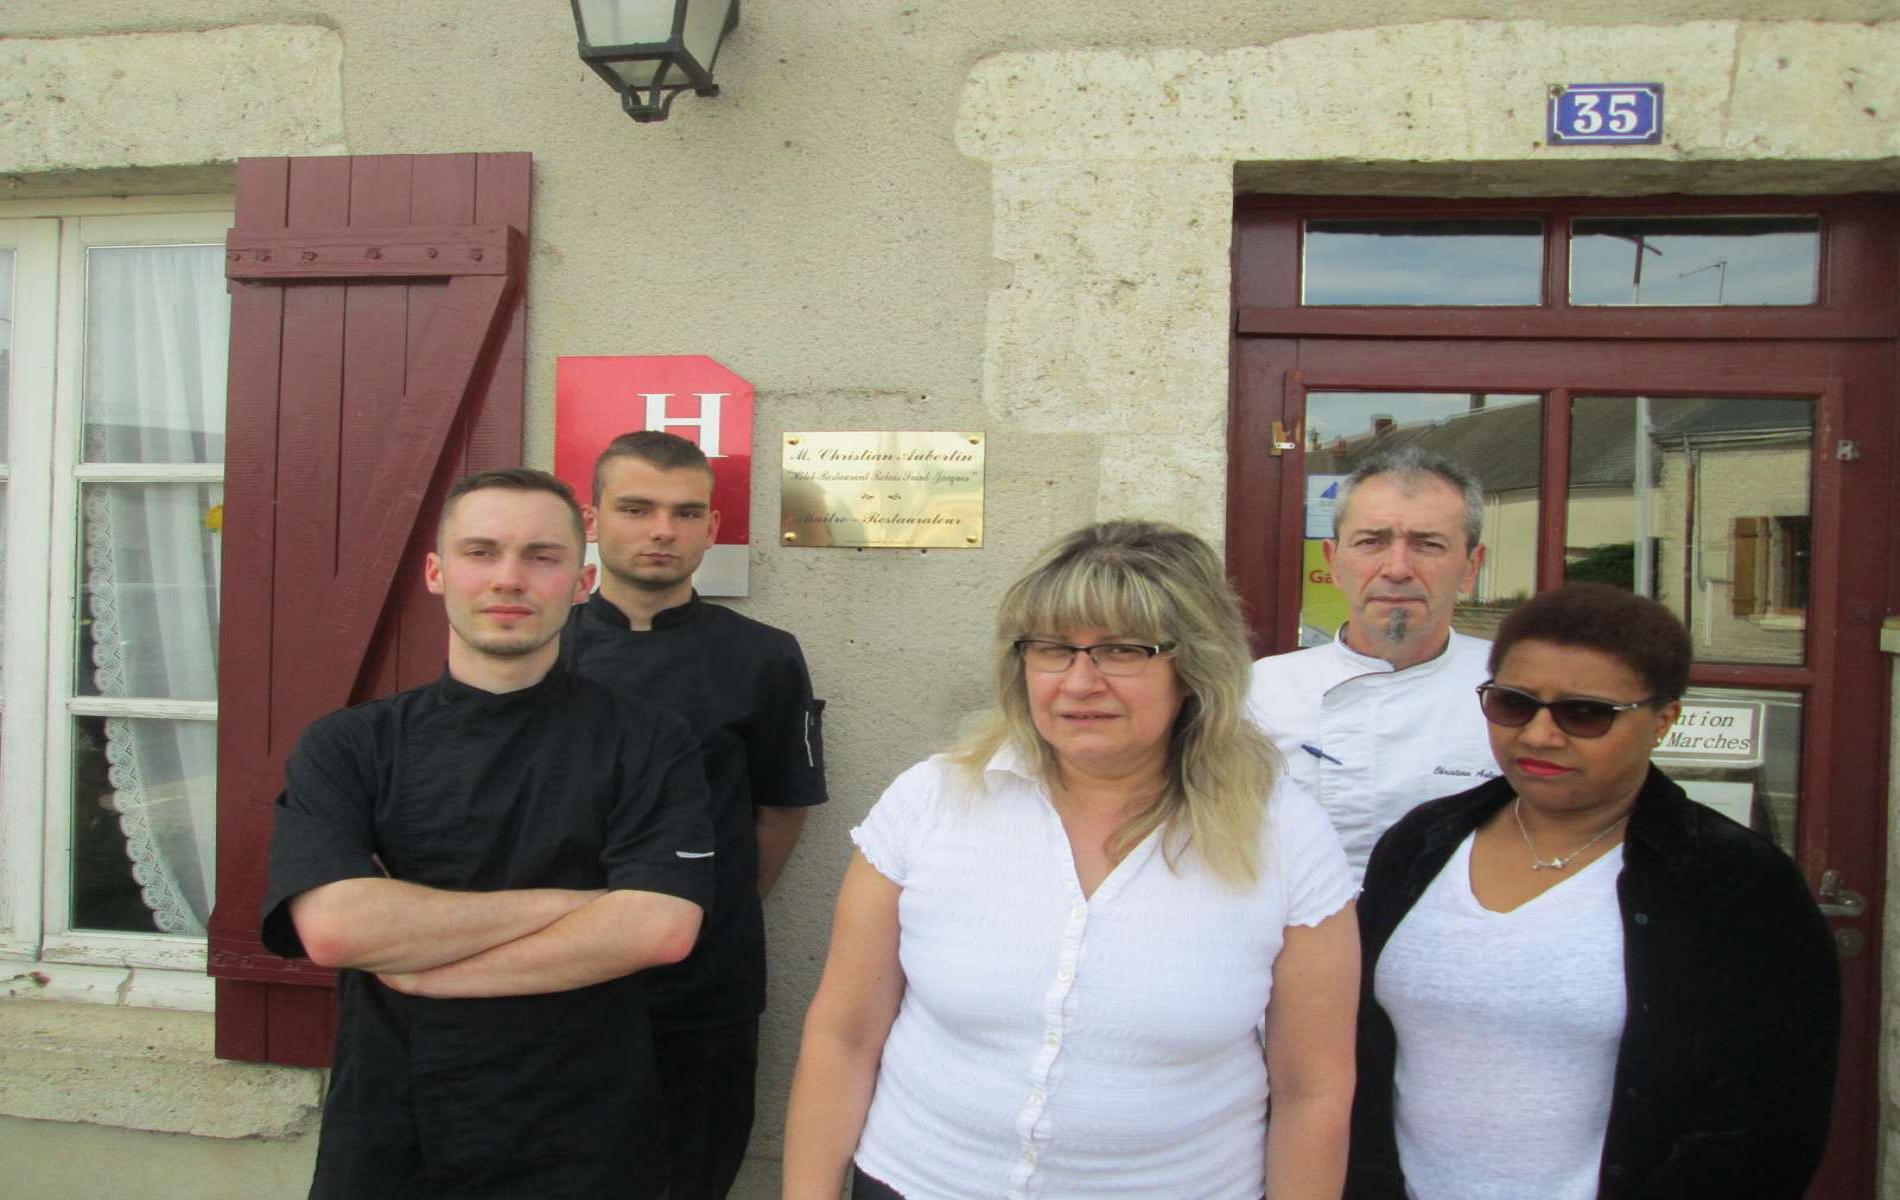 L'équipe du Relais Saint-Jacques